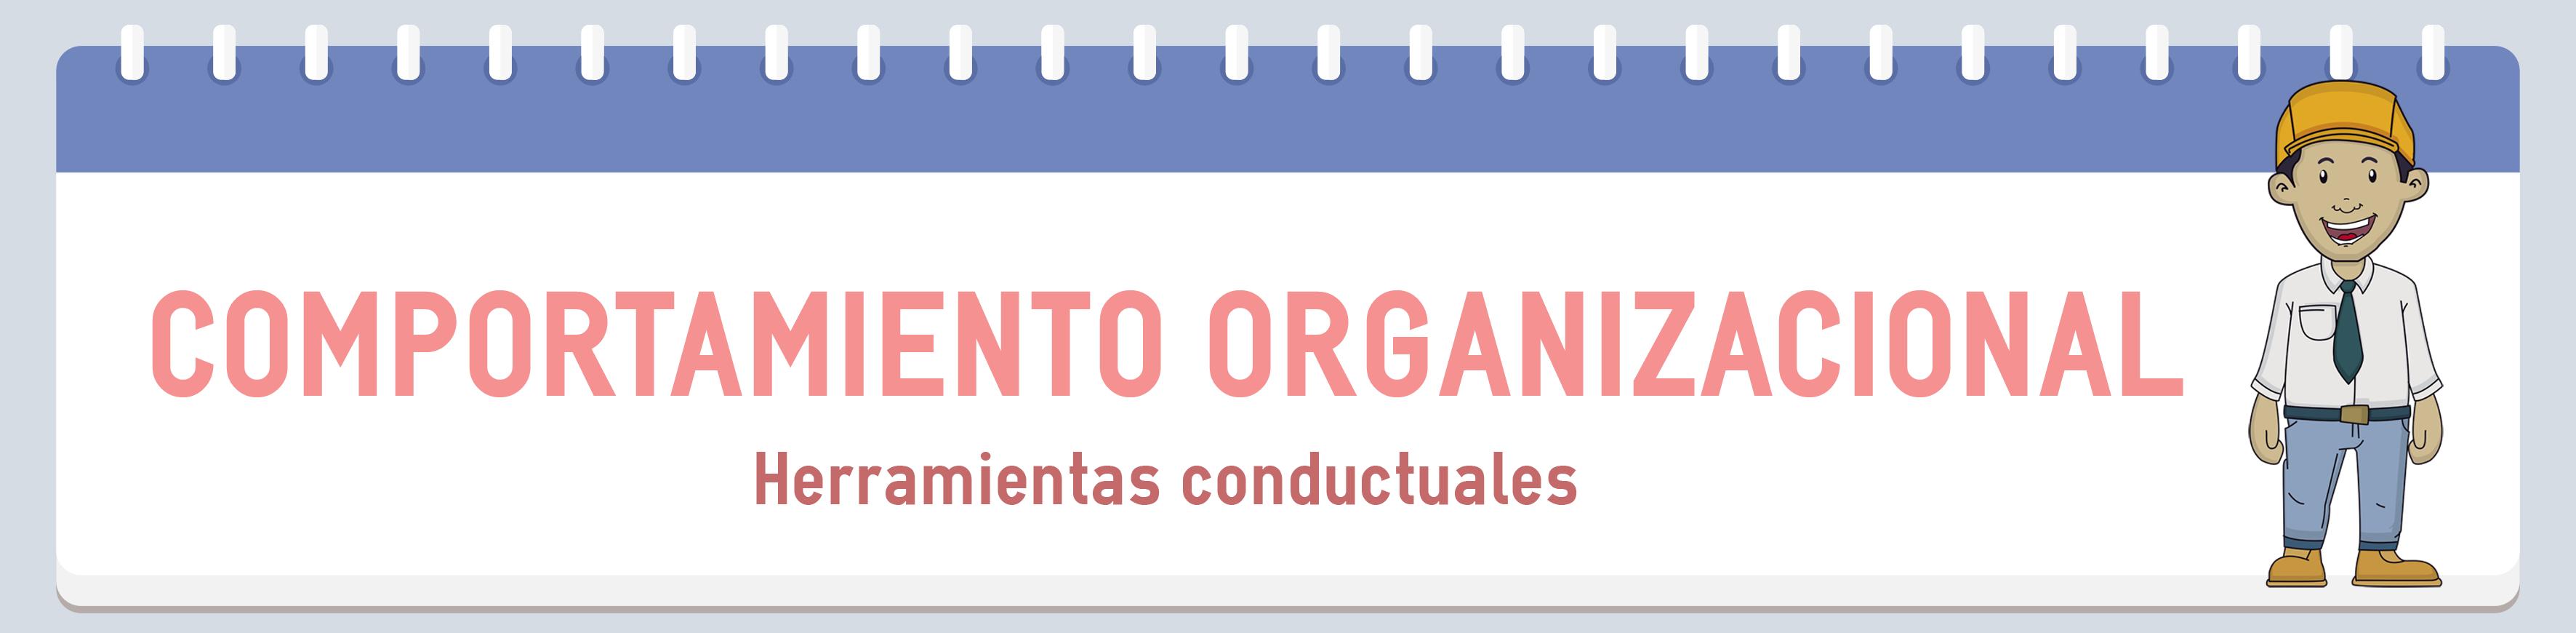 comportamiento_organizacional.png